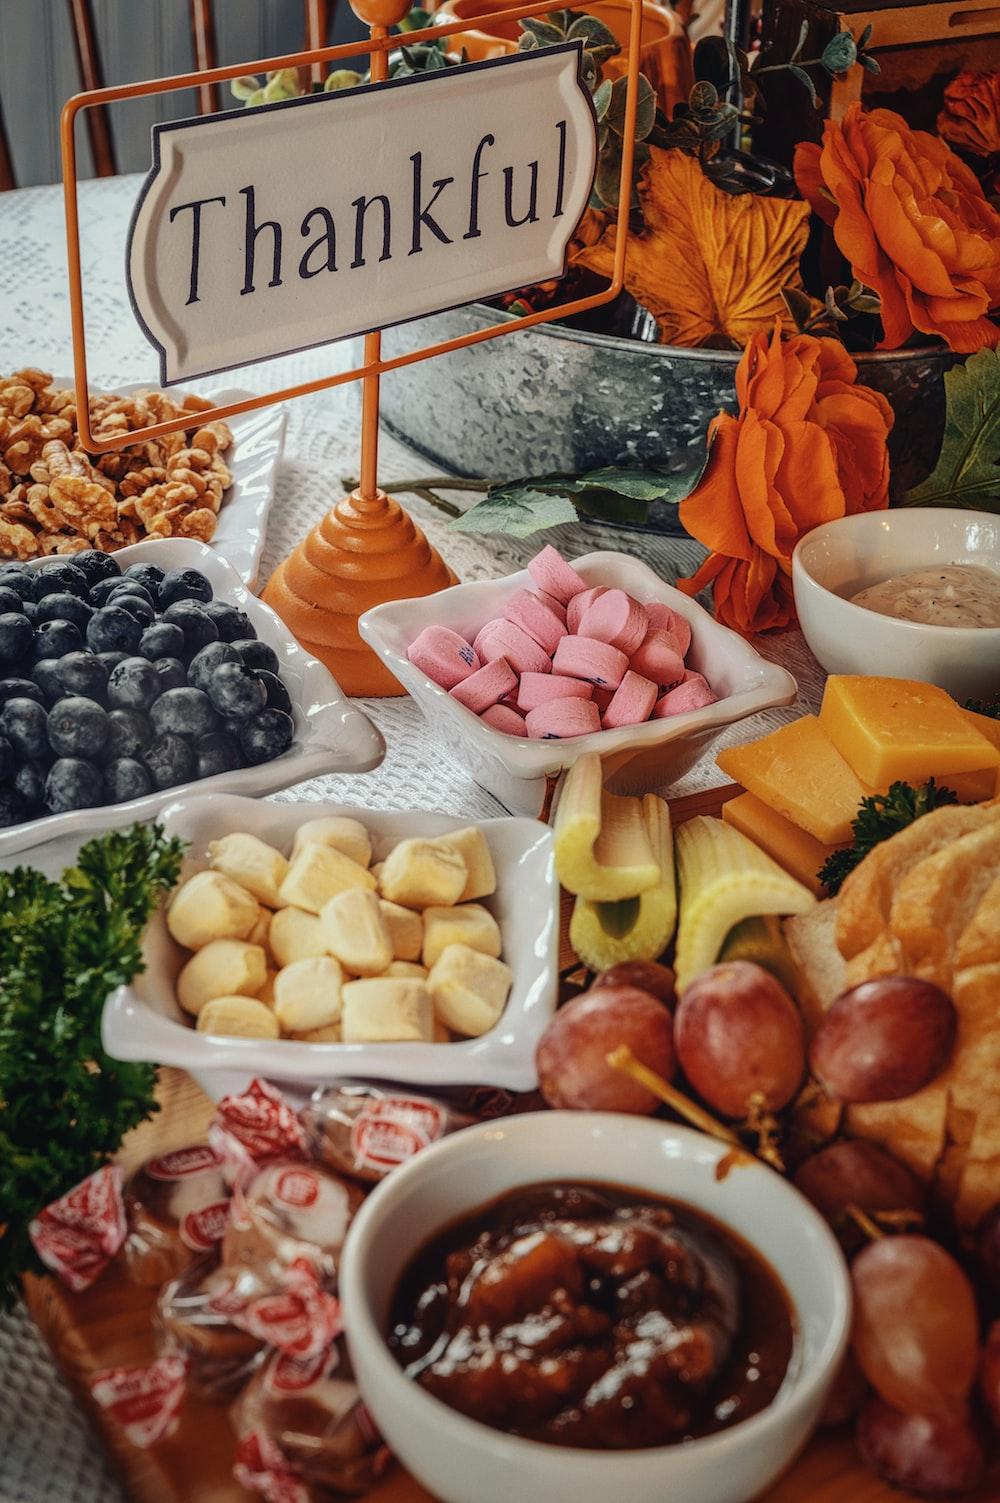 sliced fruits on white ceramic bowls